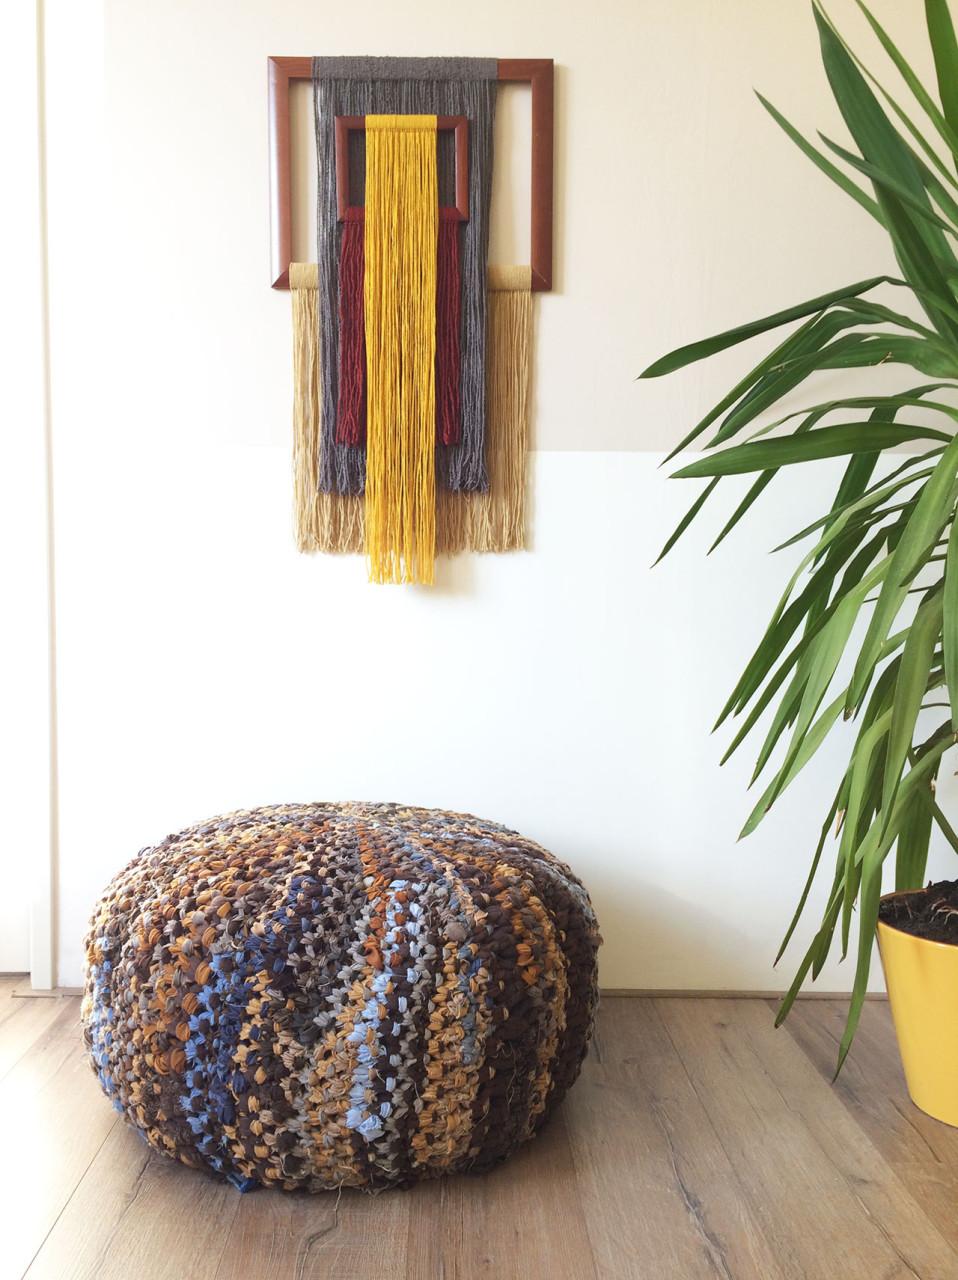 wallhanging_yarn_ottoman_plant